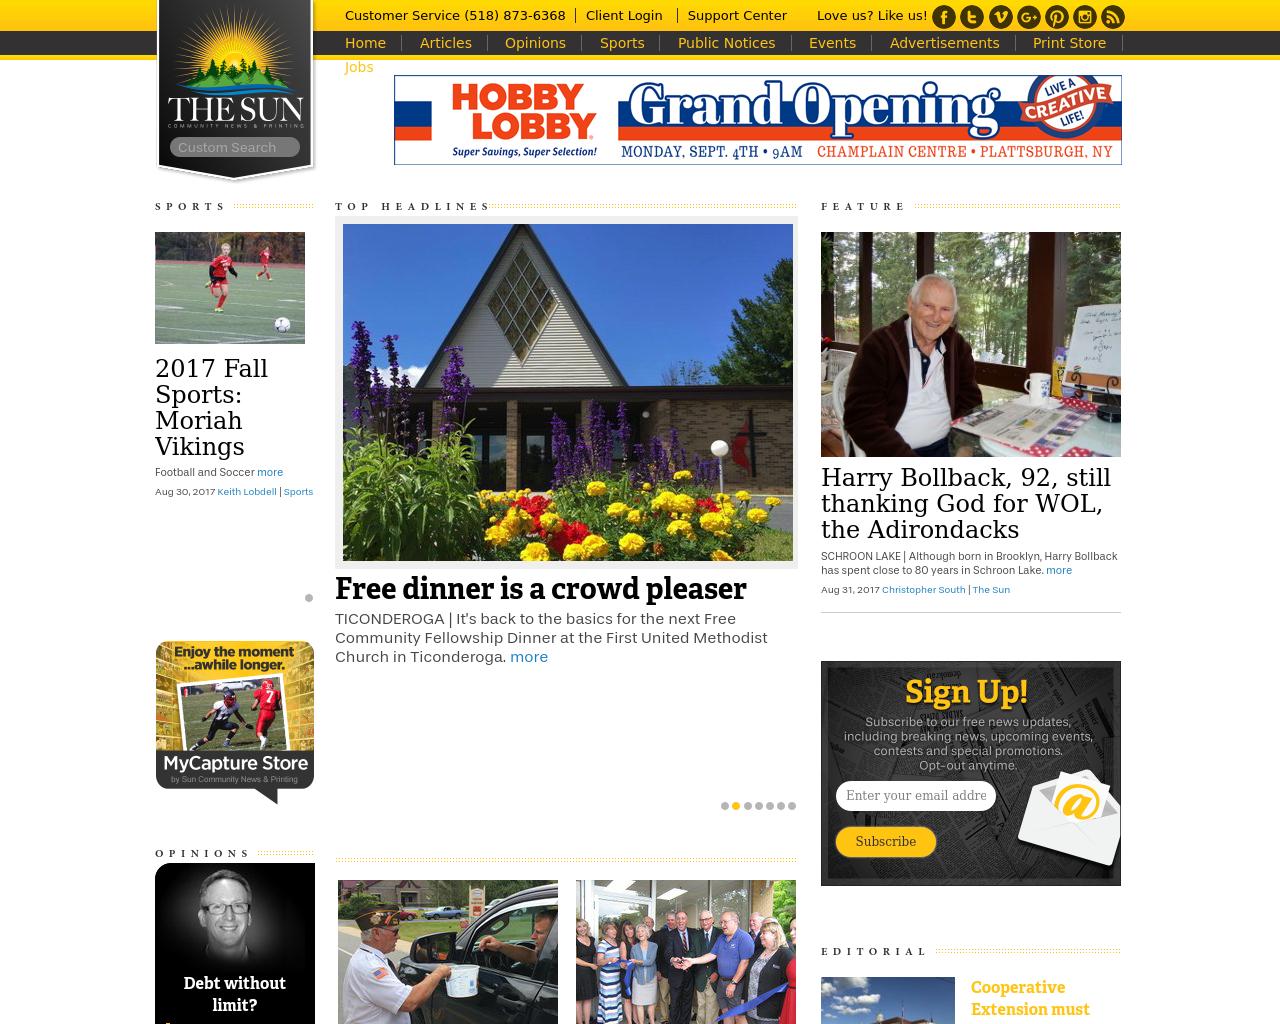 Adirondack-Journal-Advertising-Reviews-Pricing